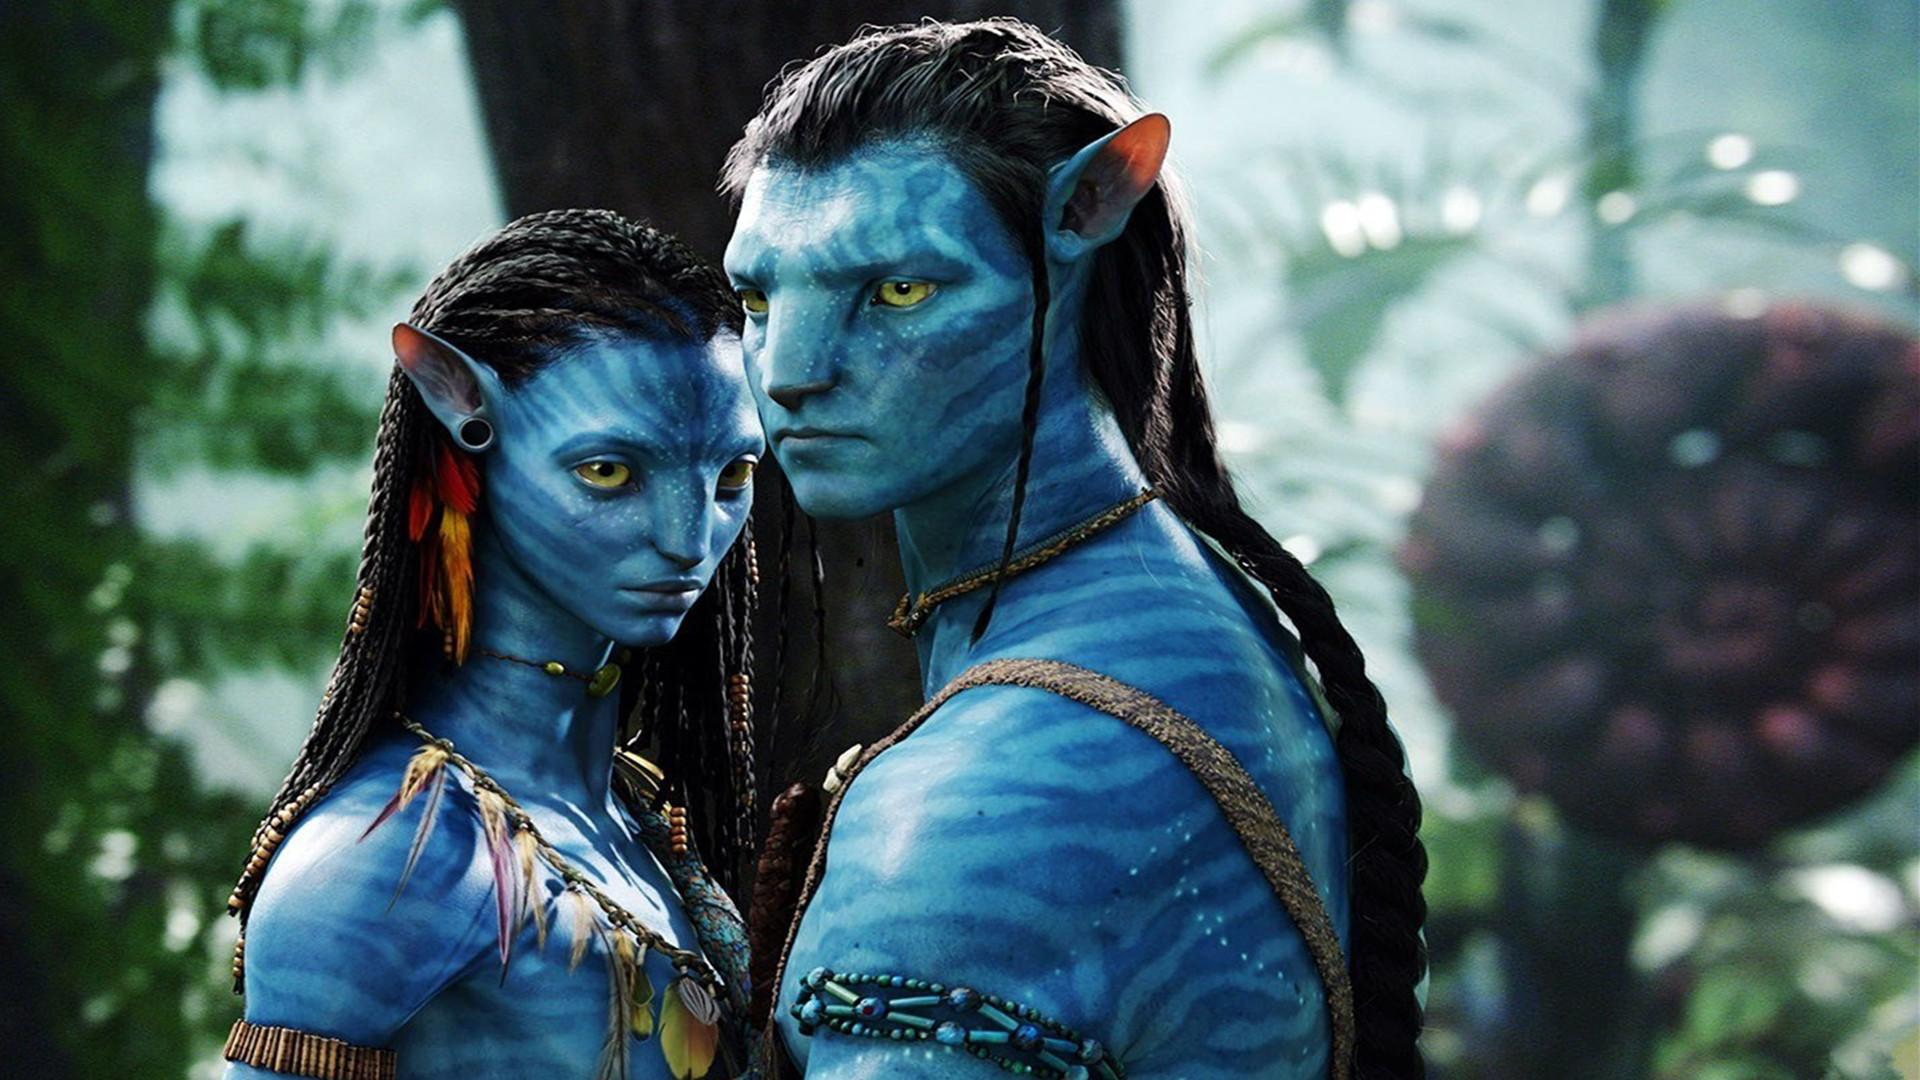 六部CG电影,画面炫酷,每一部都能带来不一样的视觉震撼